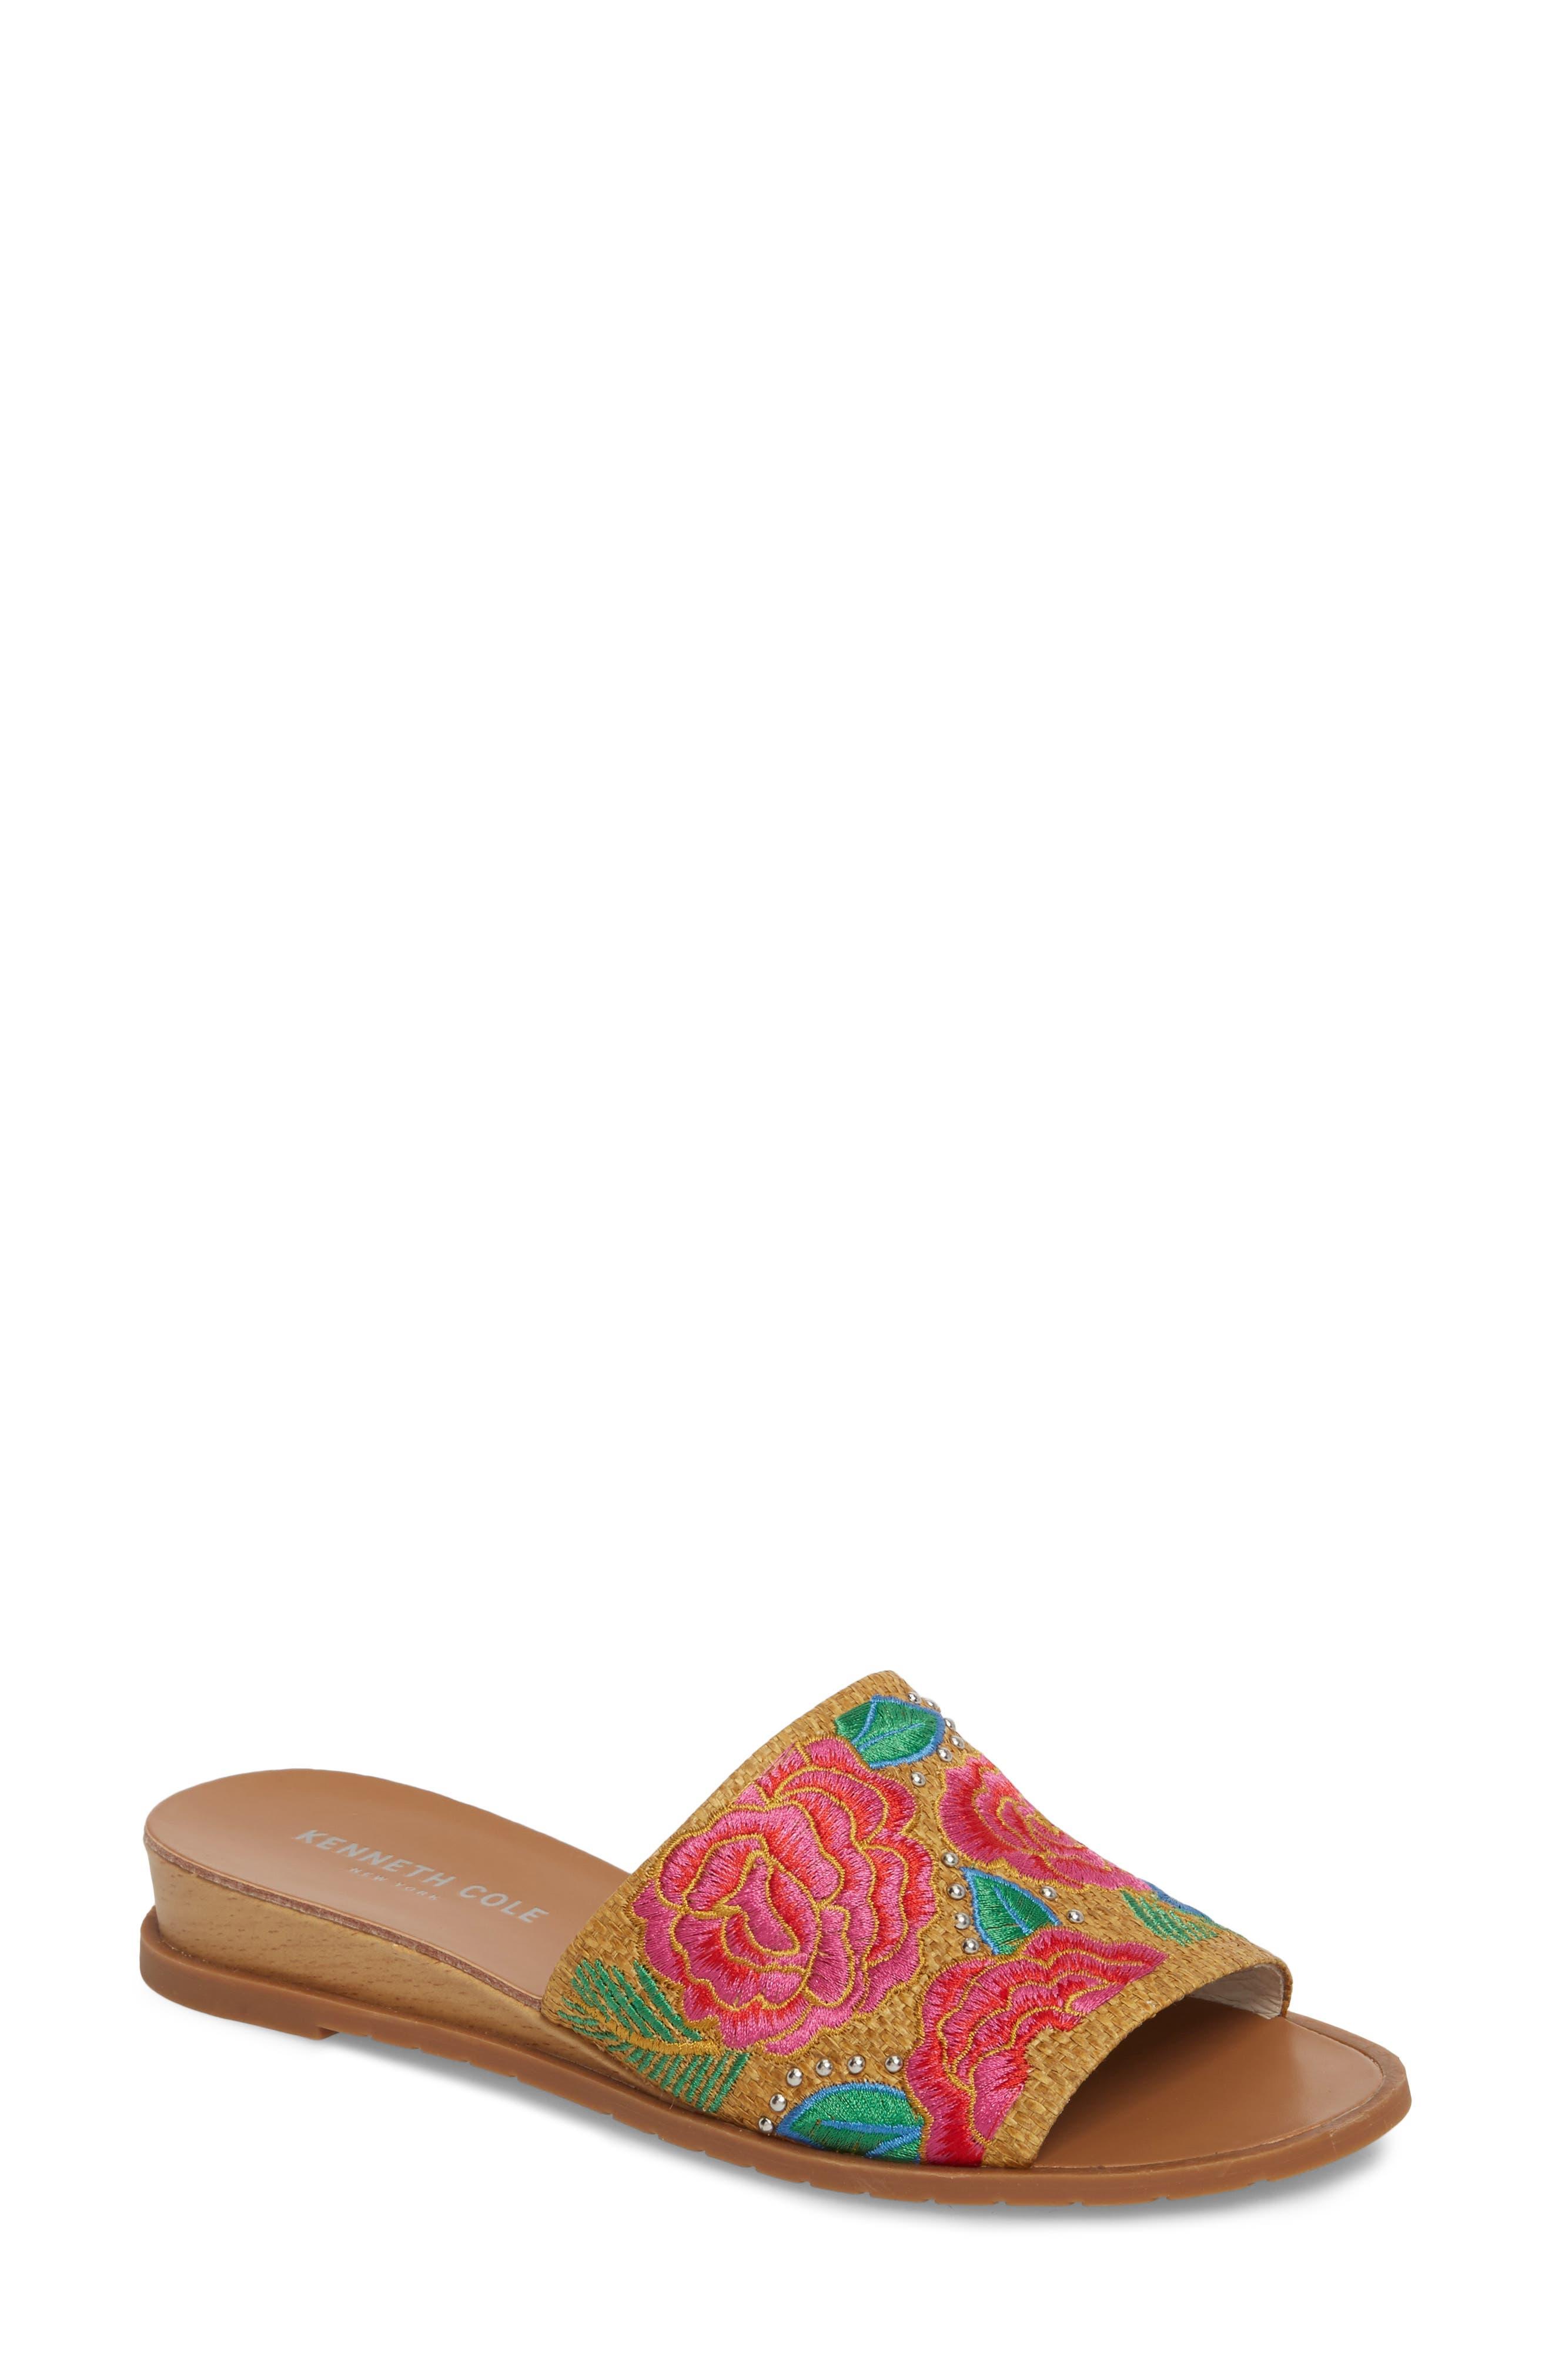 Joanne Flower Embroidered Slide Sandal,                         Main,                         color,